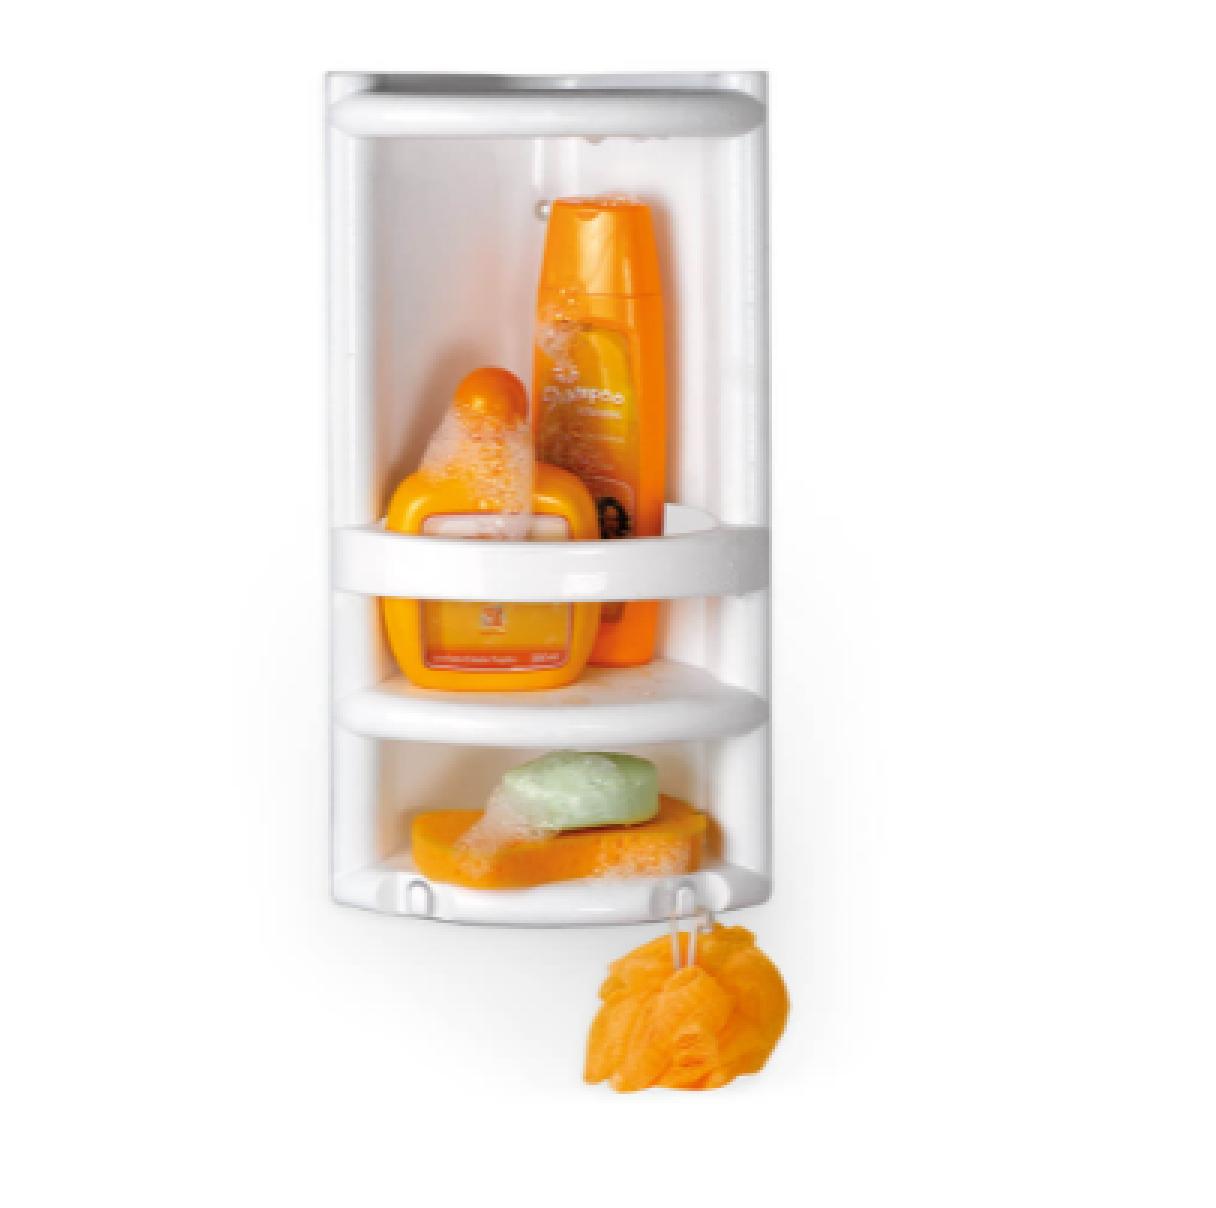 Porta Shampoo Cantoneira Para Banheiro Plástico Organizadora - Nitron